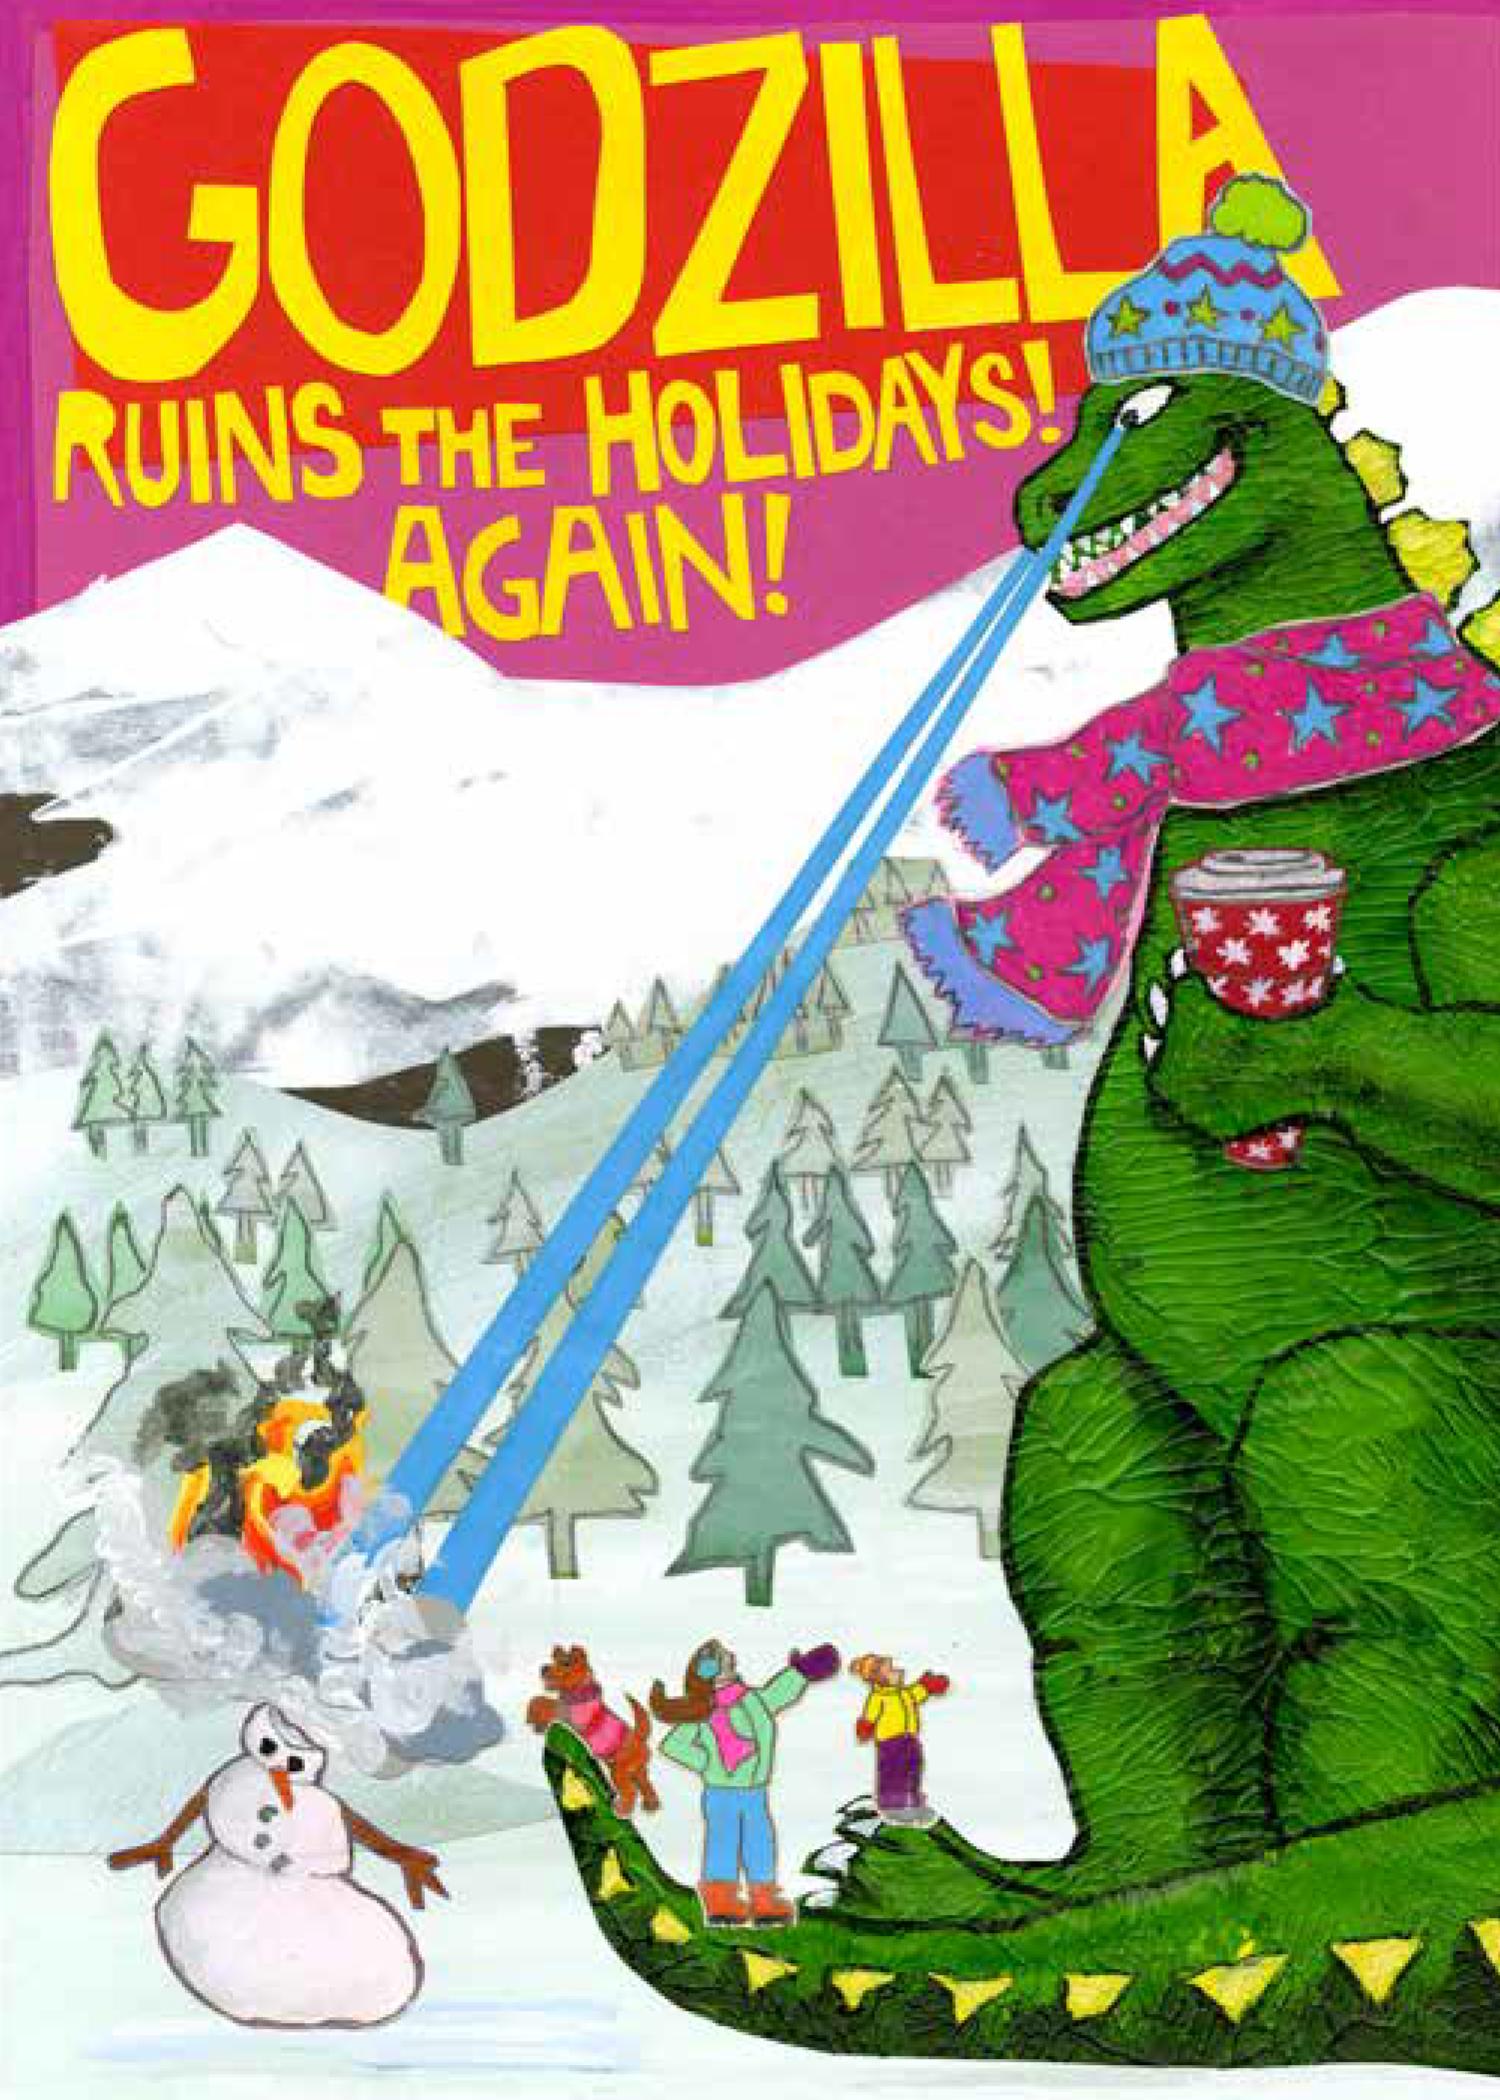 Godzilla Holiday CH10 (CH10) Greeting inside: Blank Inside